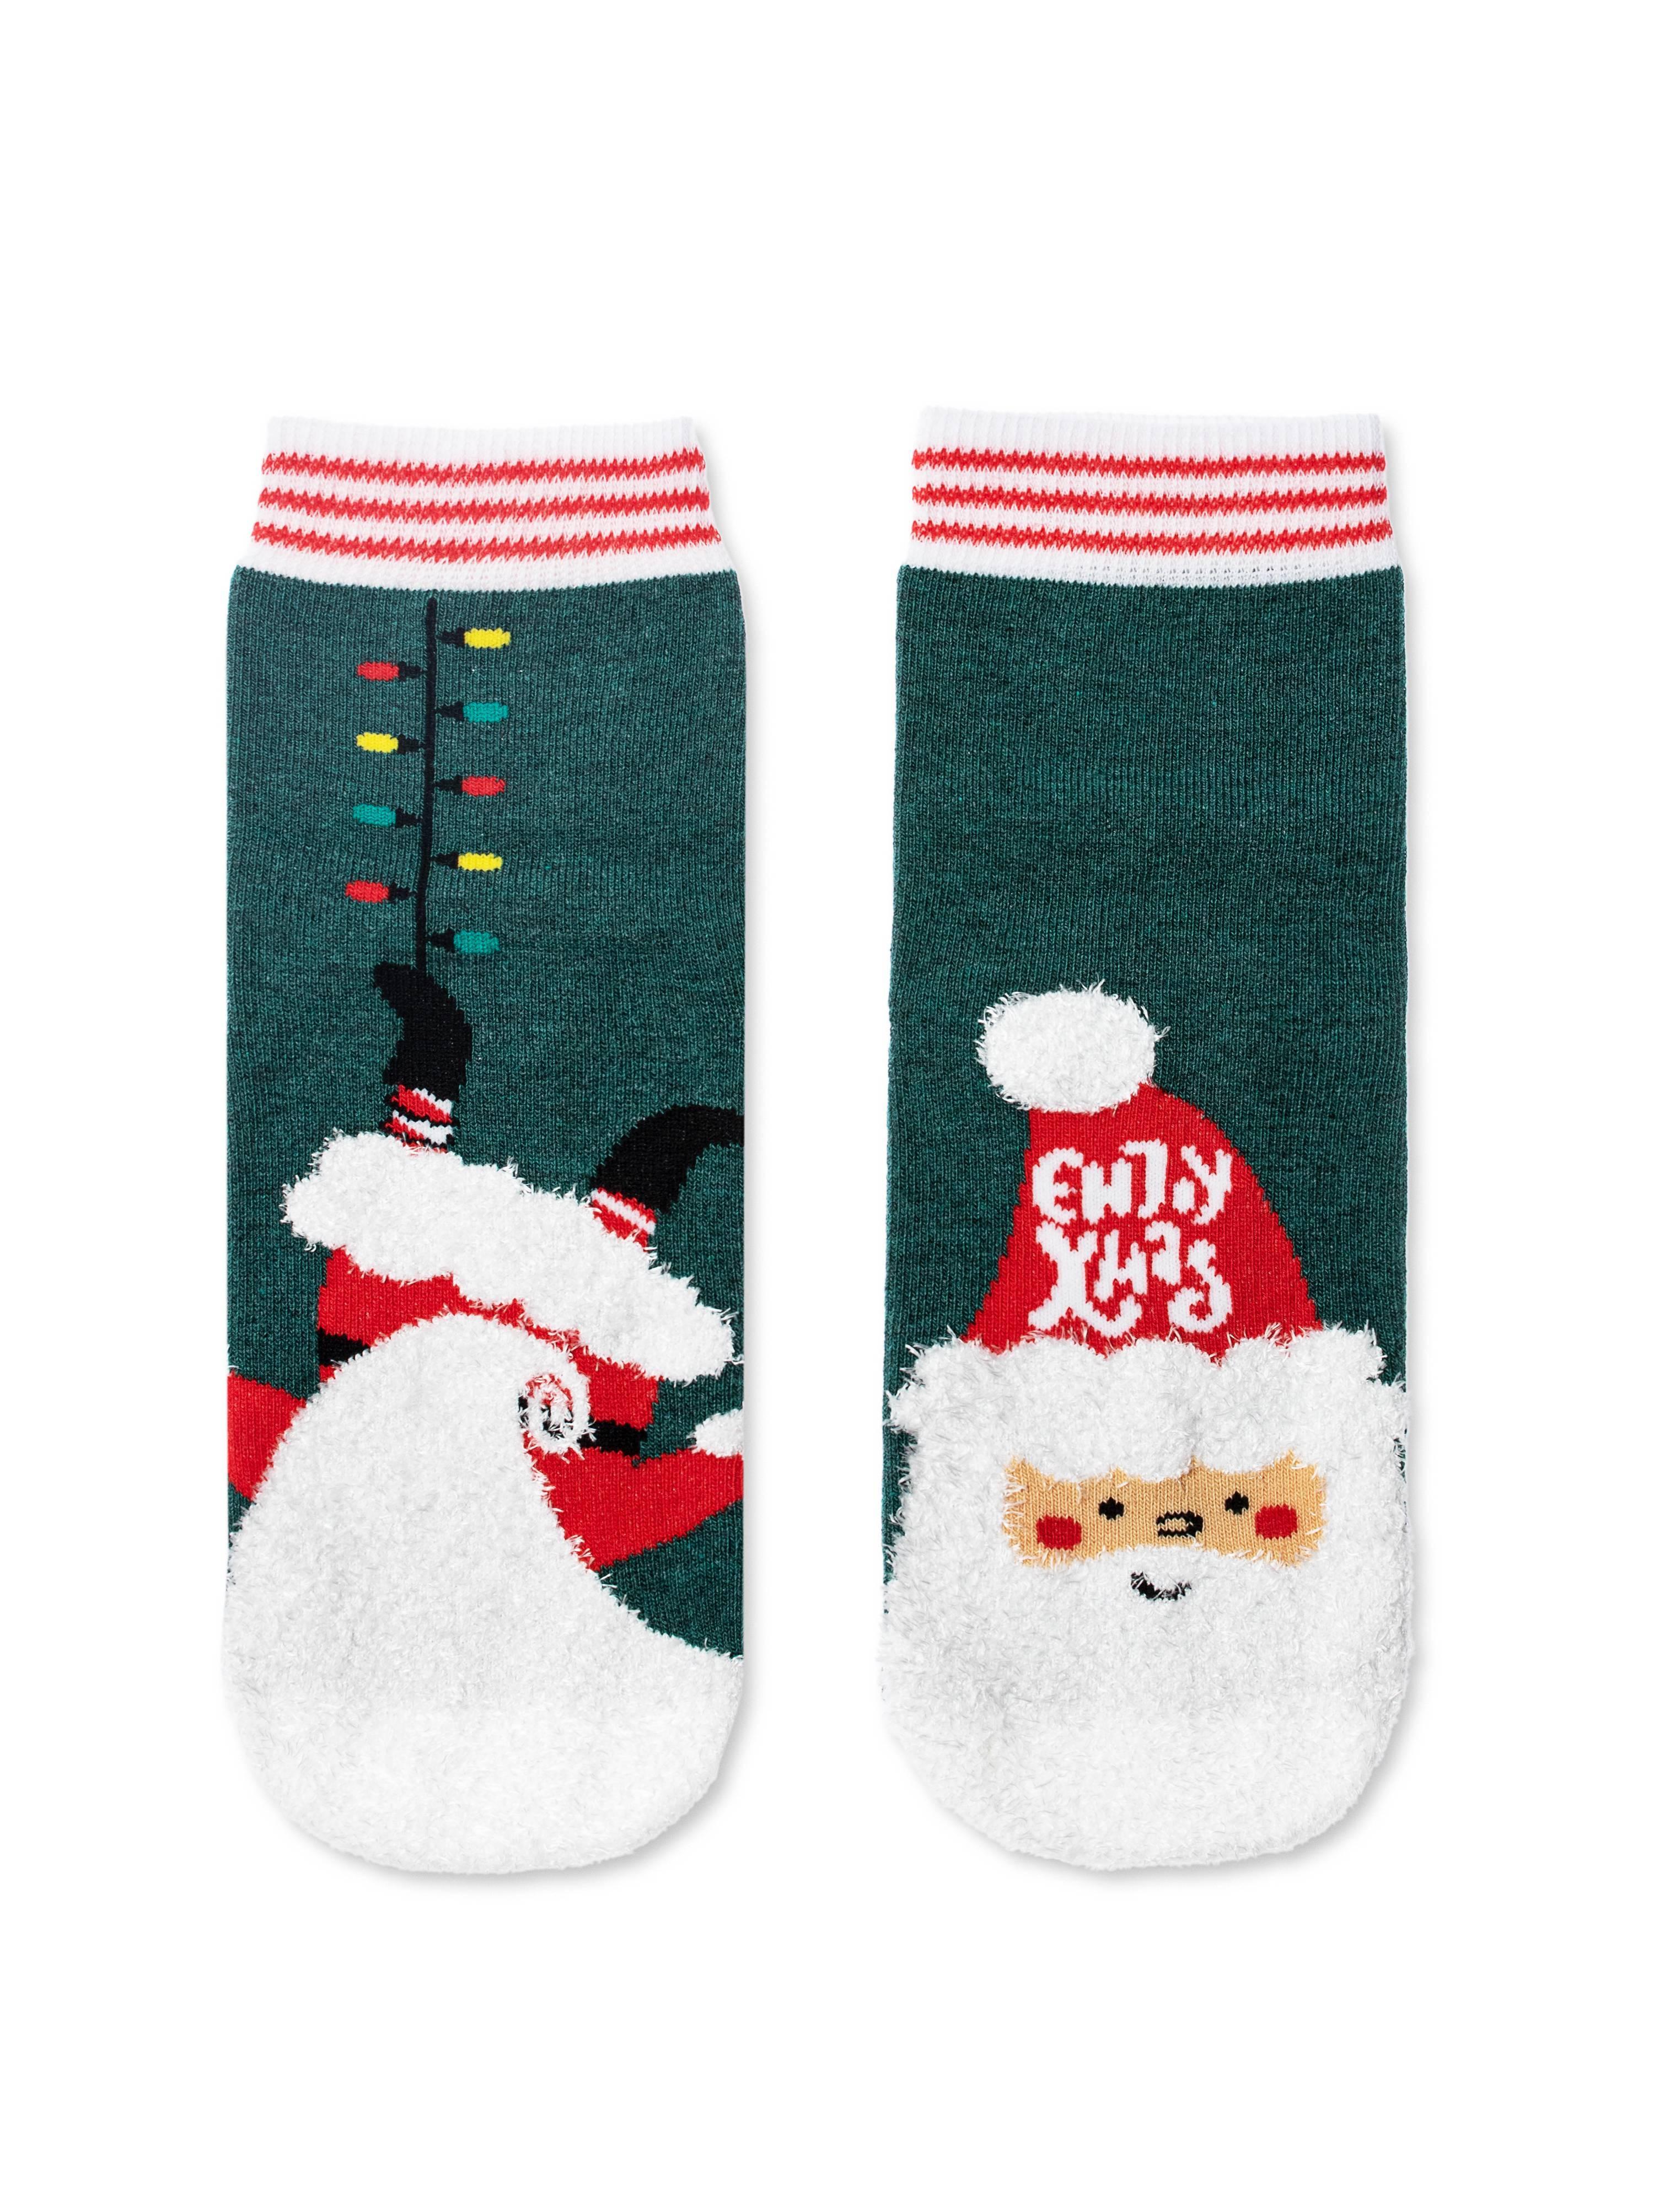 Носки детские ⭐️ Детские новогодние носки с пушистой нитью «Enjoy Xmas» ⭐️